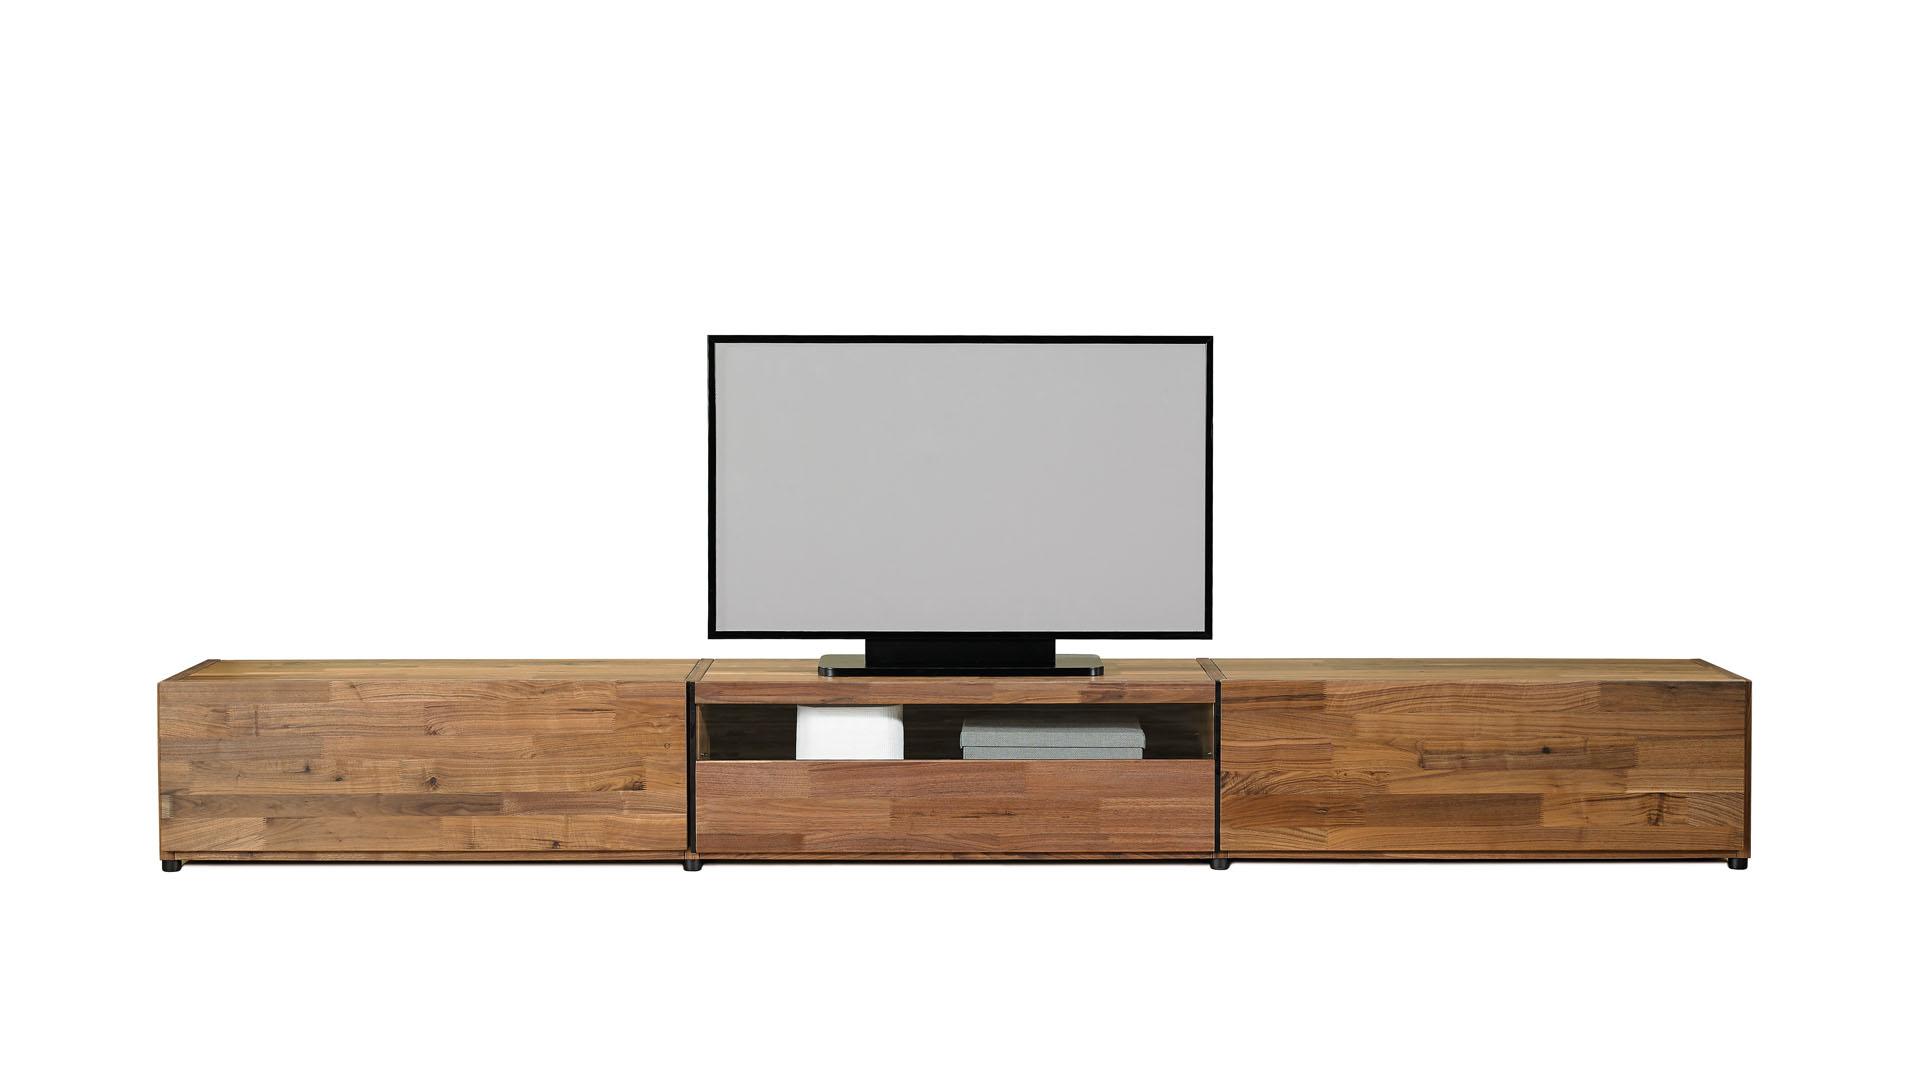 meubles tv de luxe modernes en bois design de salon 1 piece 2020 buy en bois tv cabinet des dessins salon de luxe tv stand tv stands 2020 salon